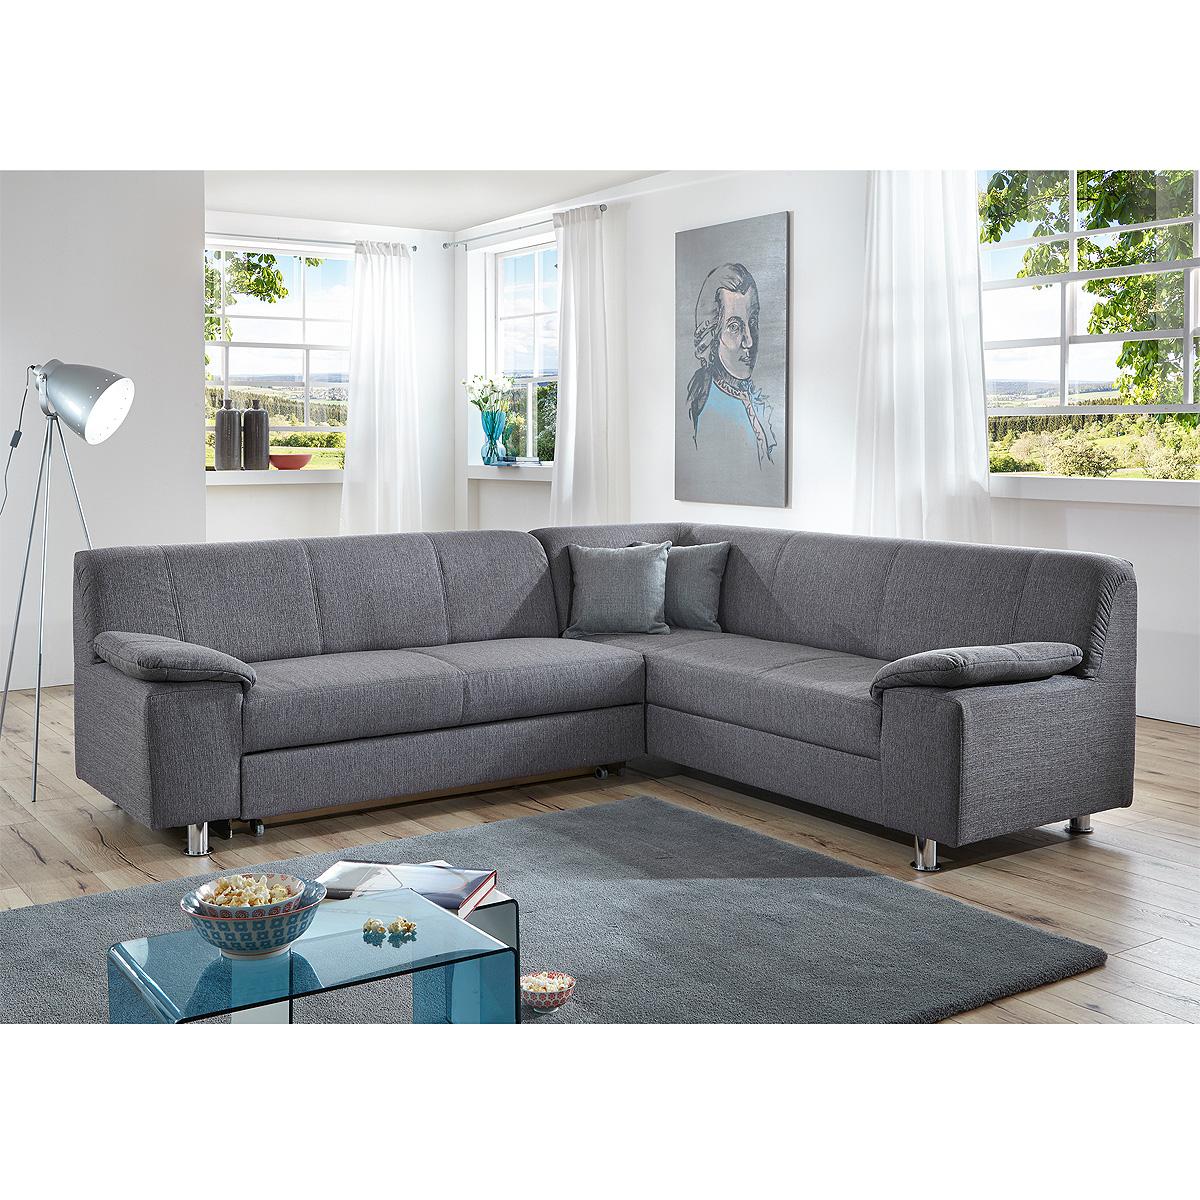 Beeindruckend Ecksofa Schlaffunktion Grau Ideen Von Ecksofa-alamo-wohnlandschaft-sofa-polstersofa-grau-mit-oder-